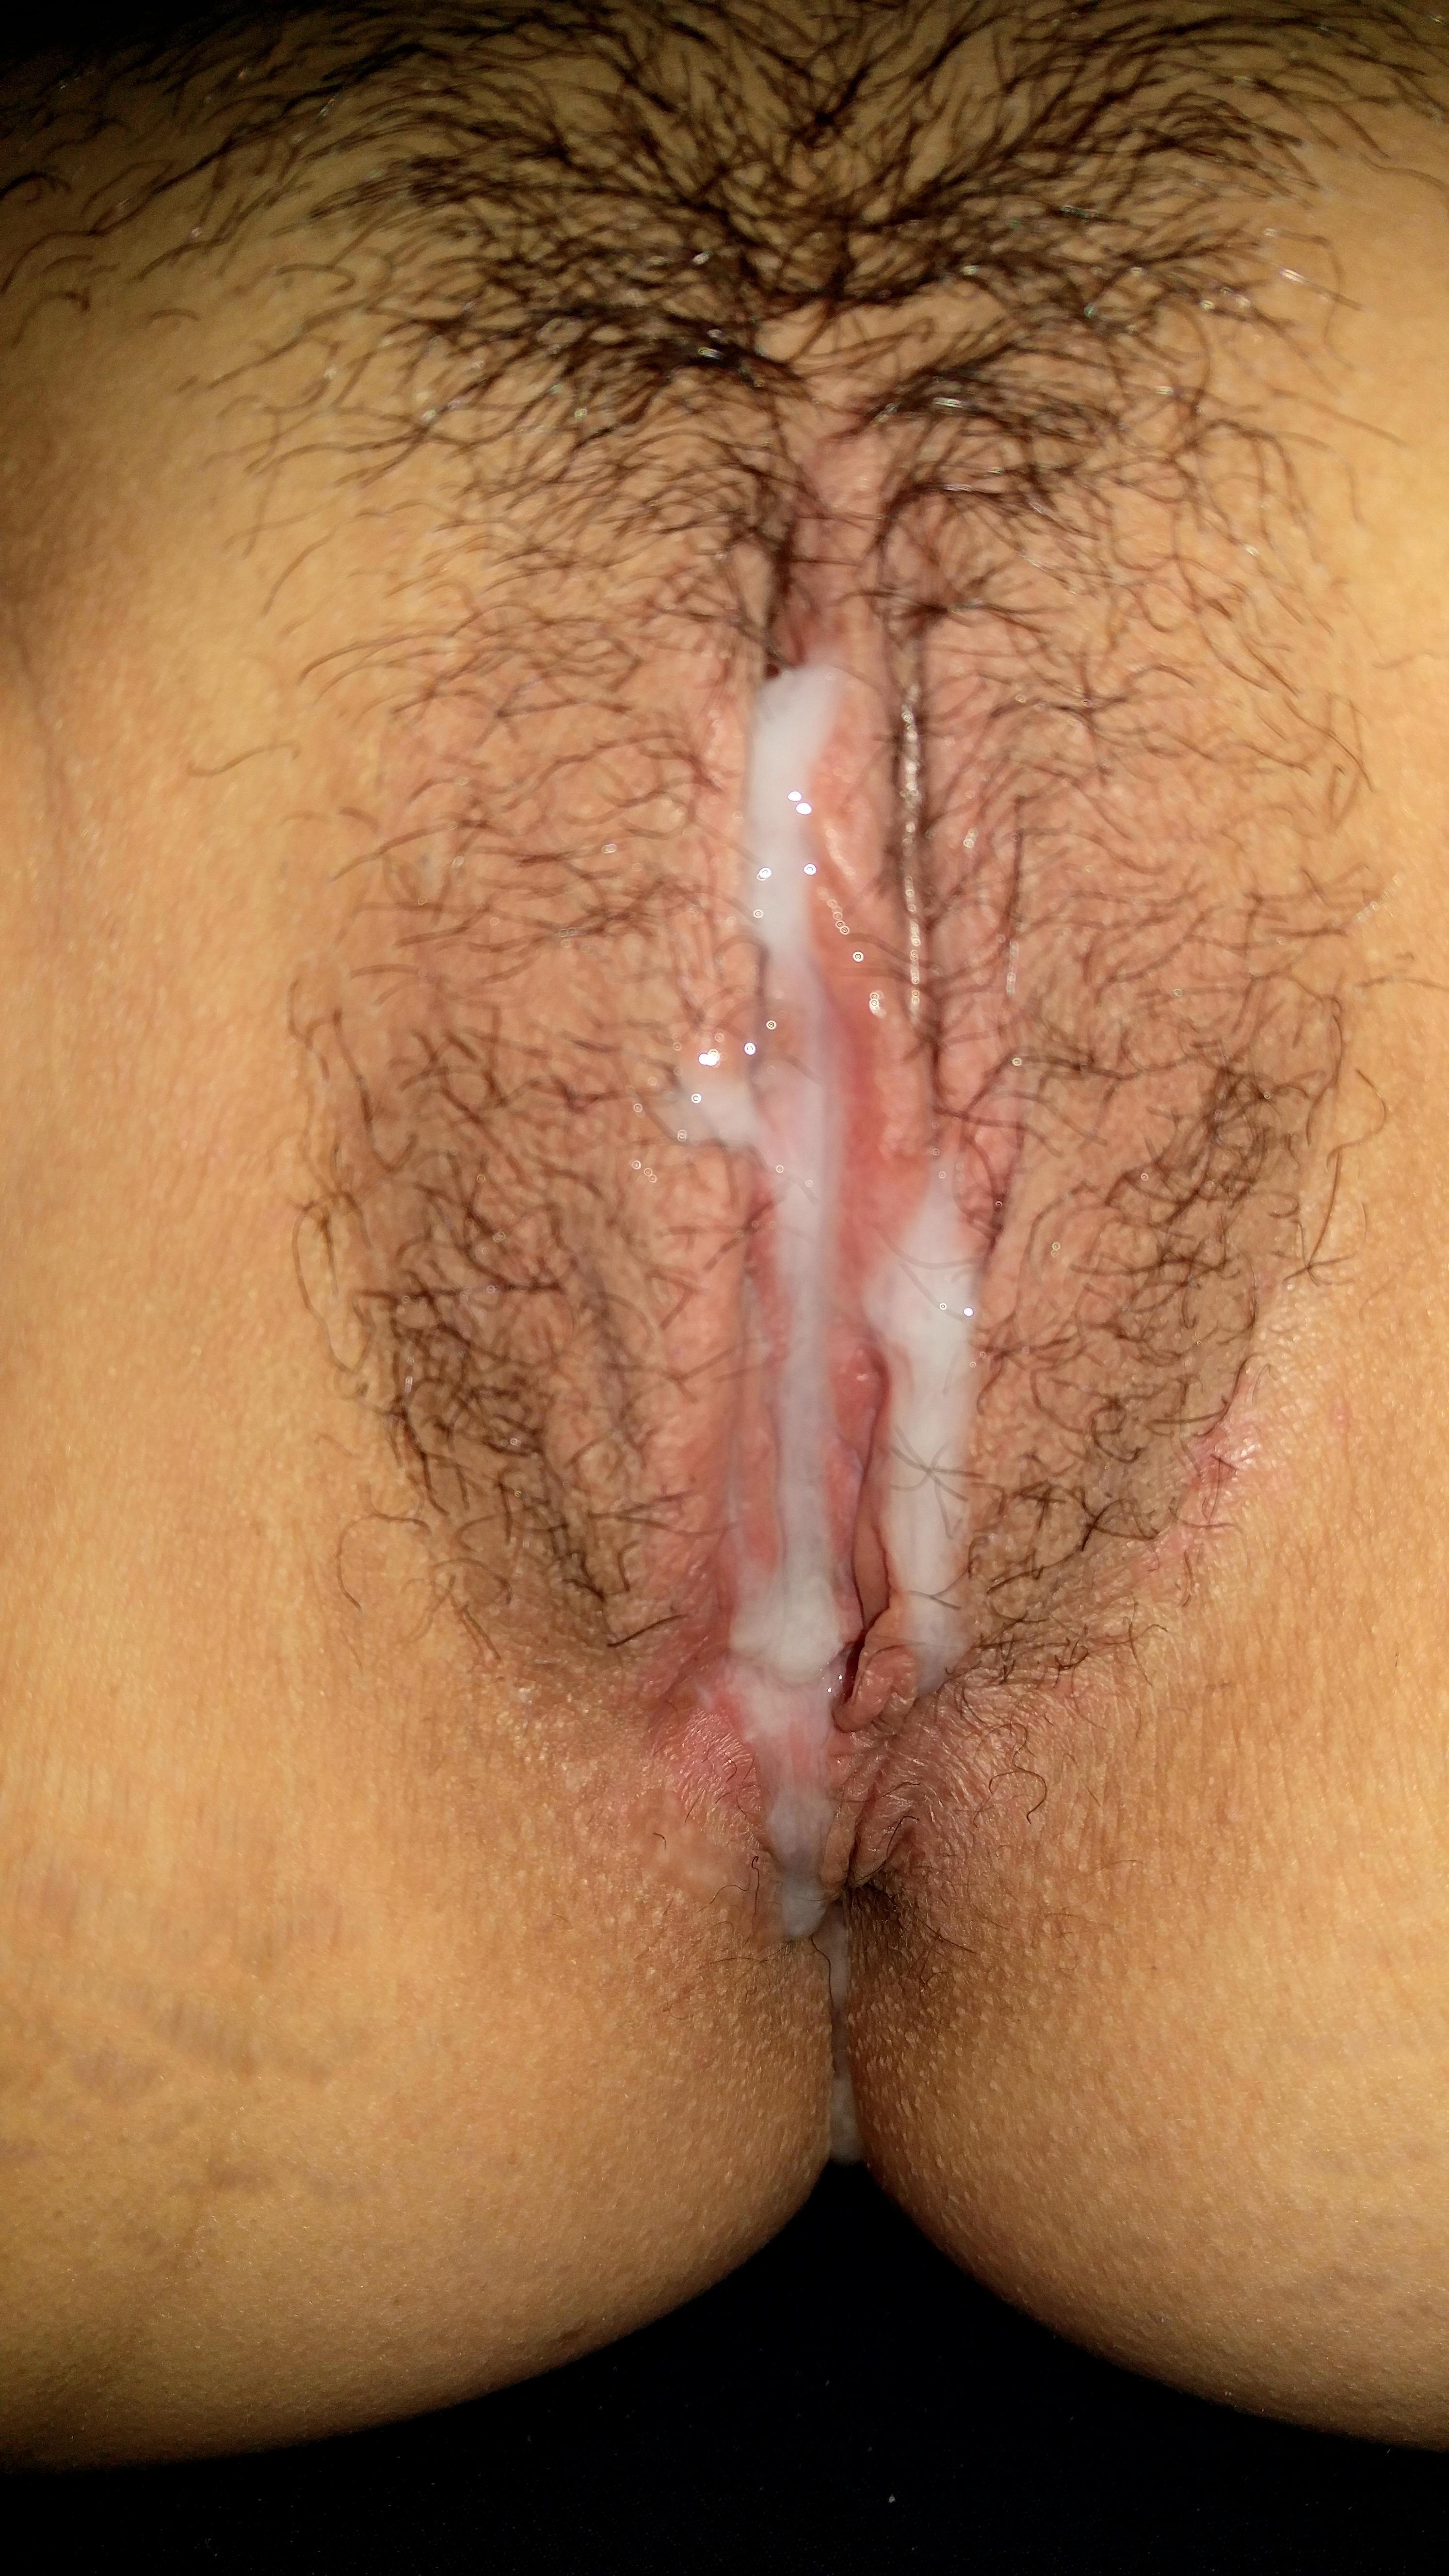 Nandhitha fack sex photos